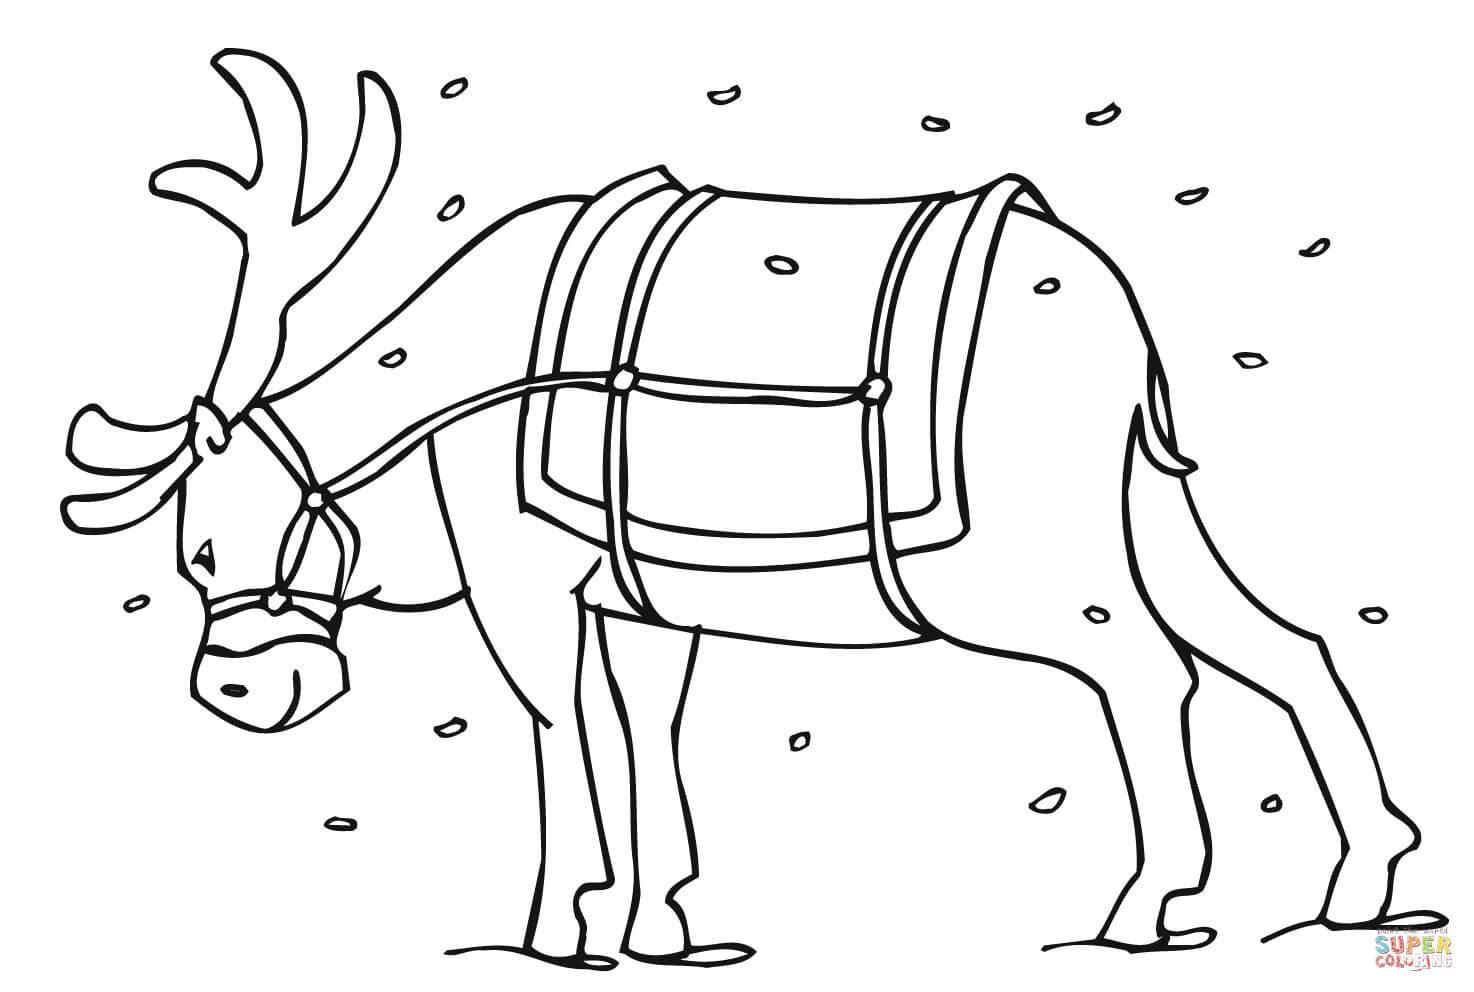 1474x992 animal coloring pages kids simple cute reindeer acpra